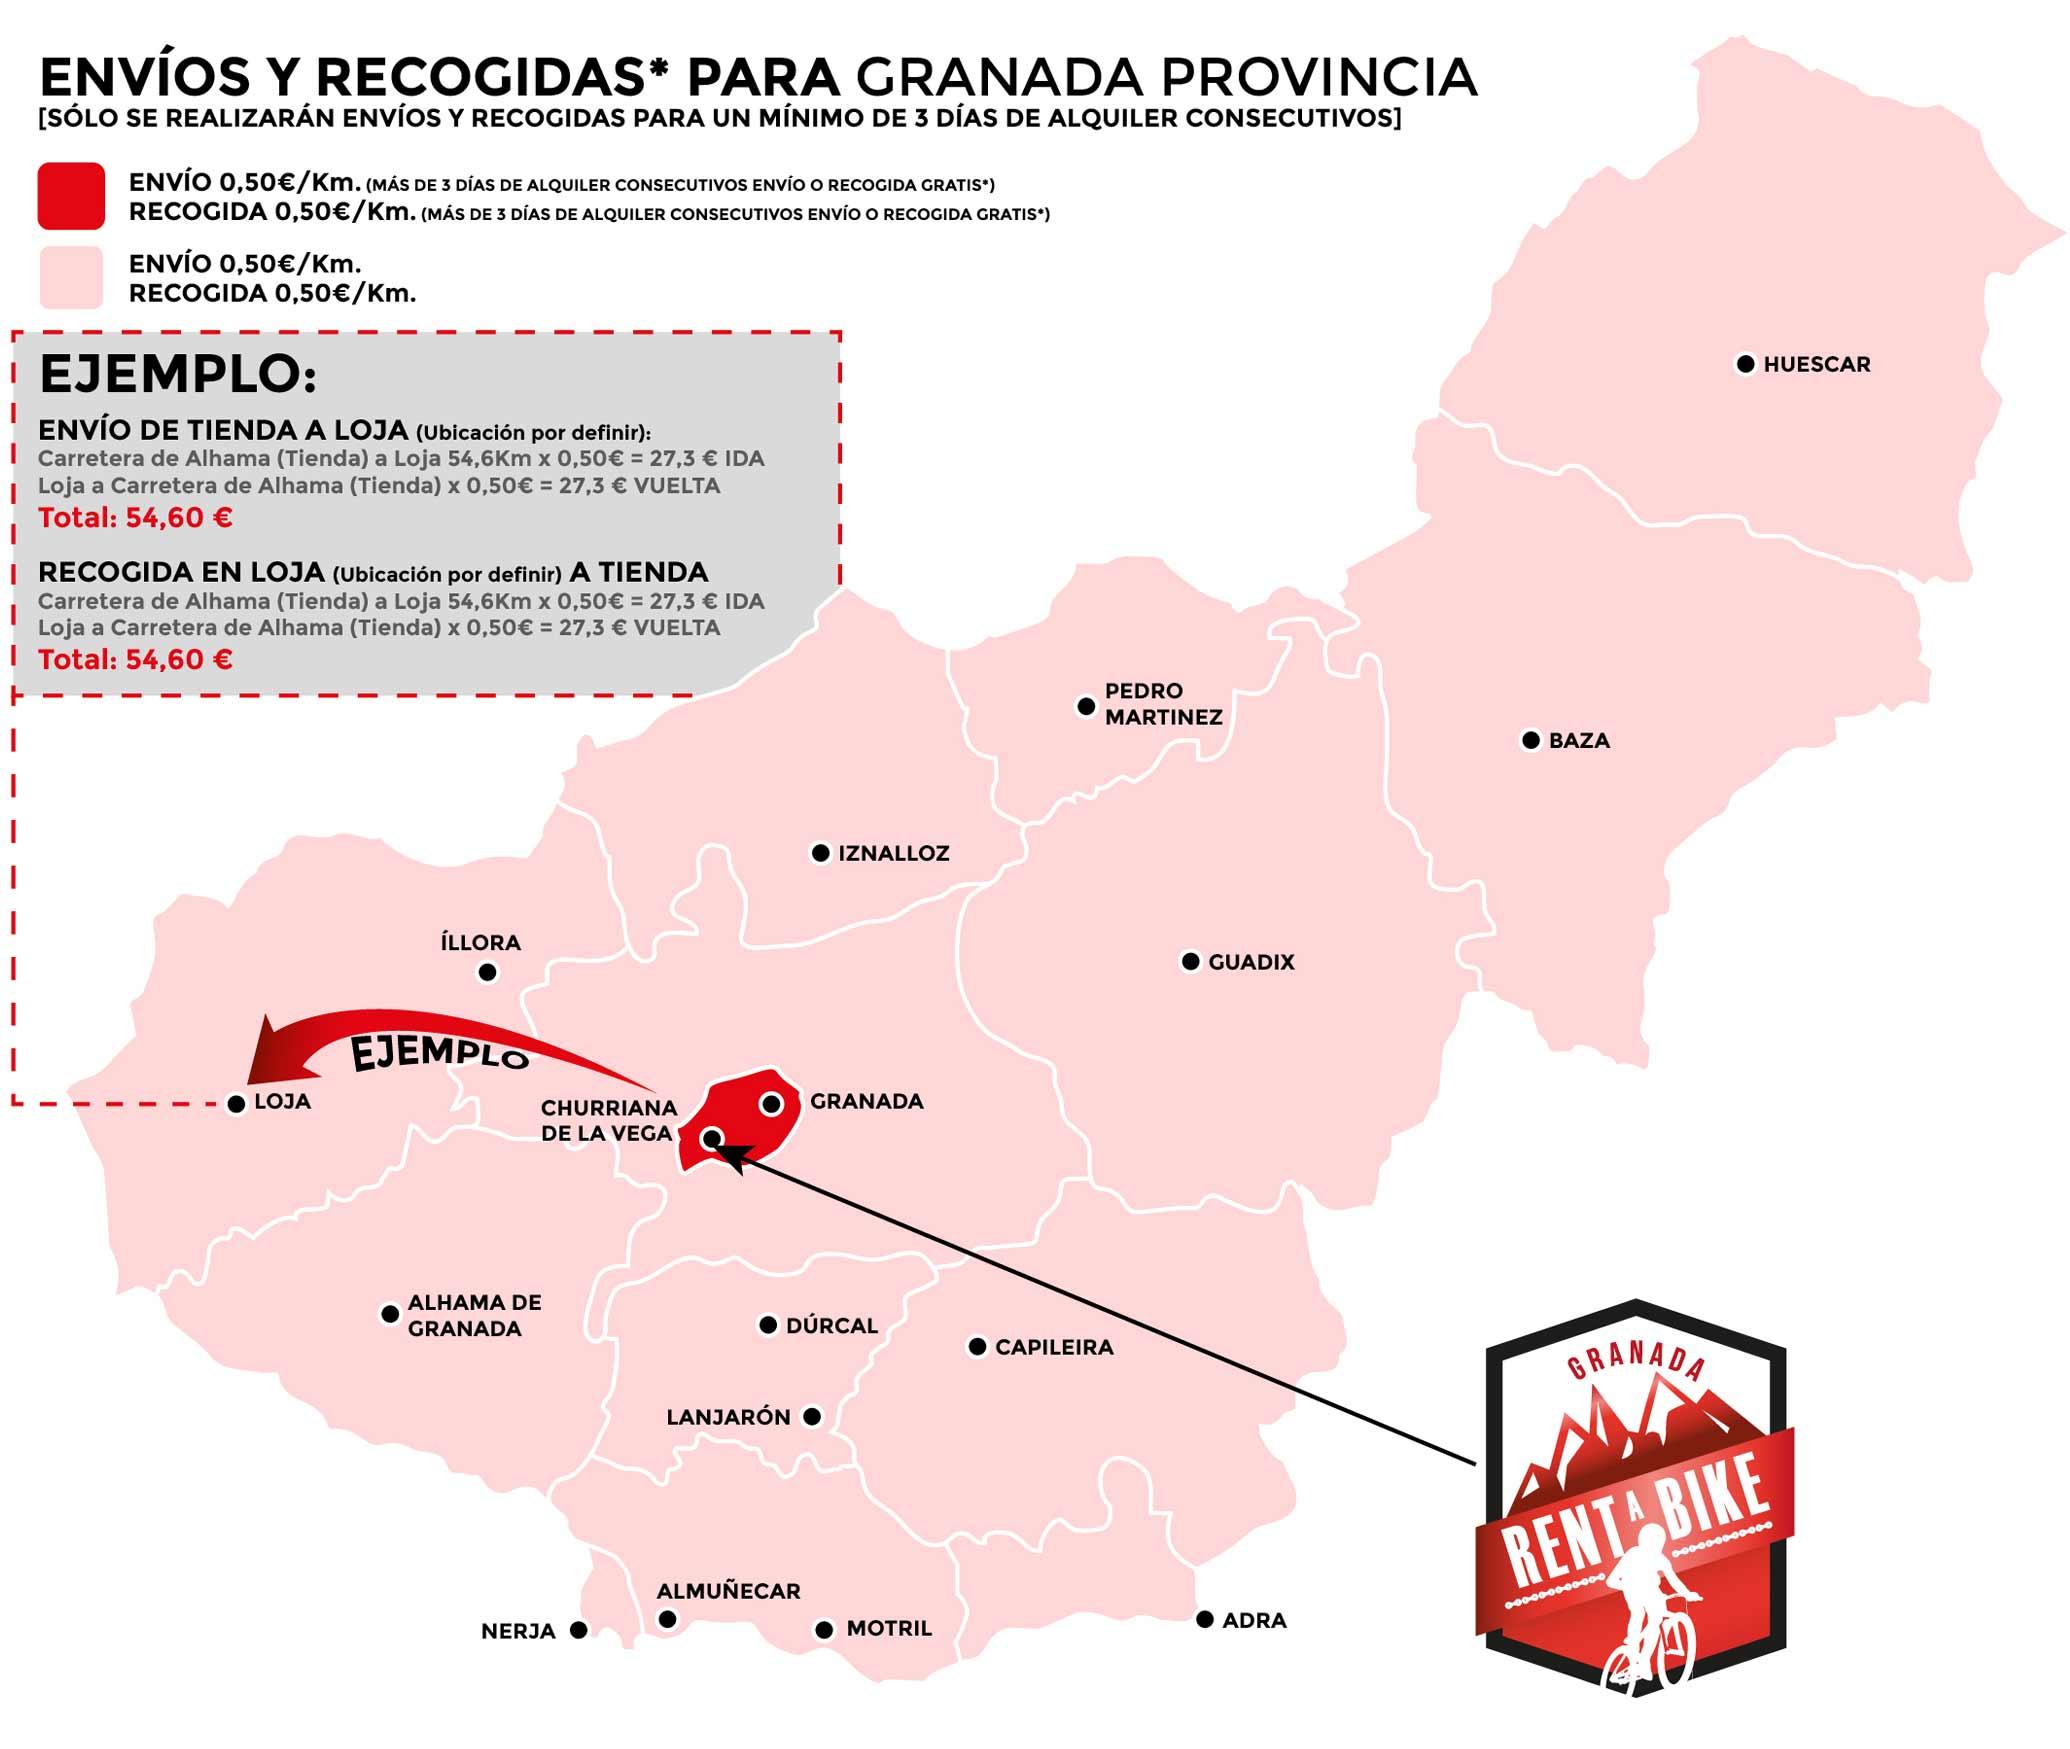 Mapa precios rent a bike granada